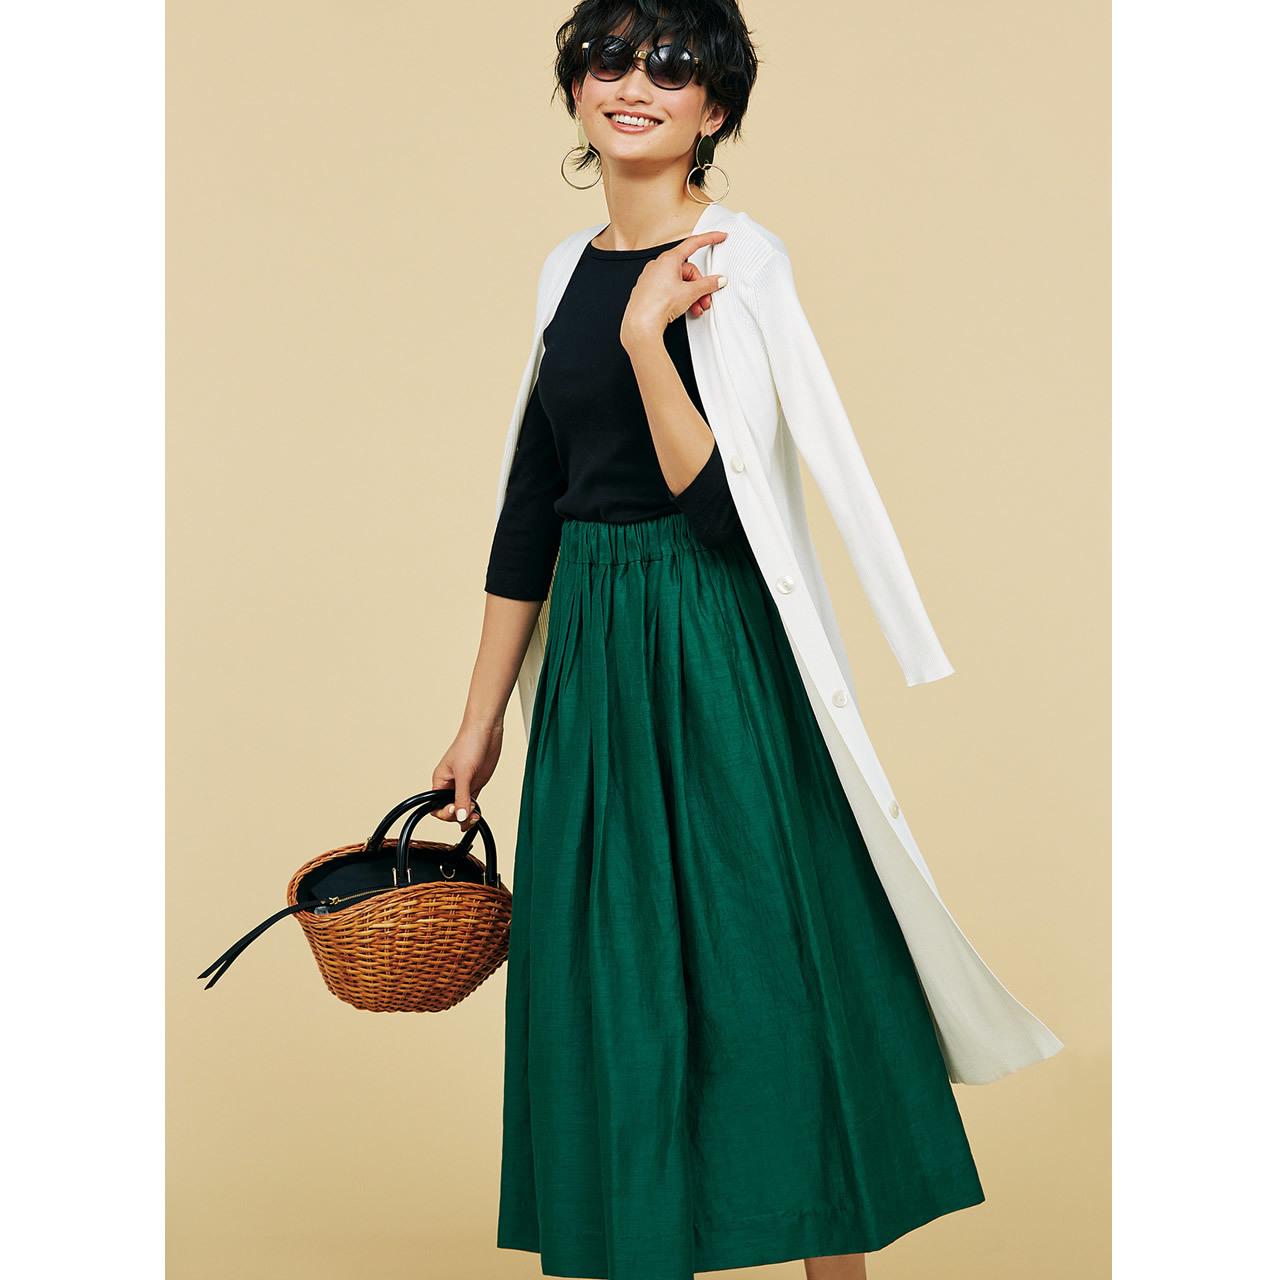 黒トップス×グリーンスカートコーデ